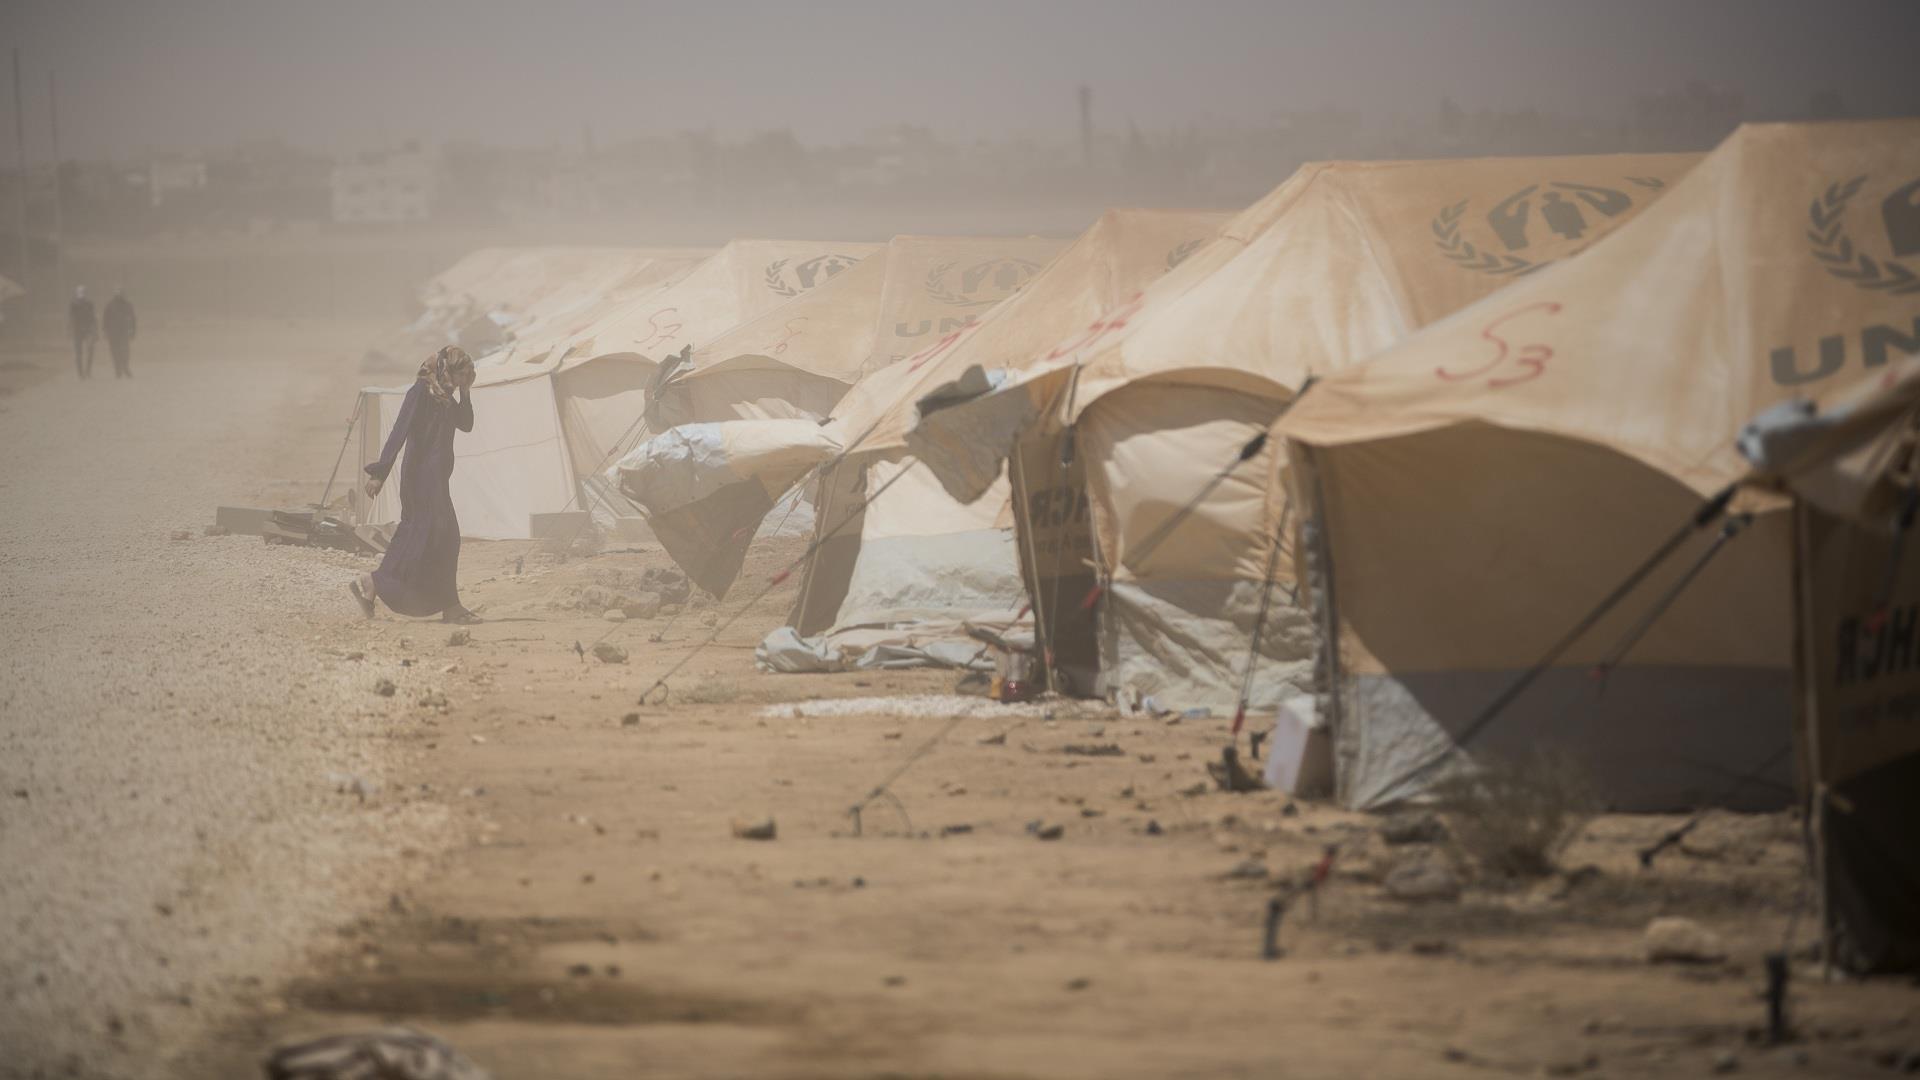 قصة سندس.. فتاة تحرق نفسها وأطفالها هربا من الجوع والبرد في سوريا